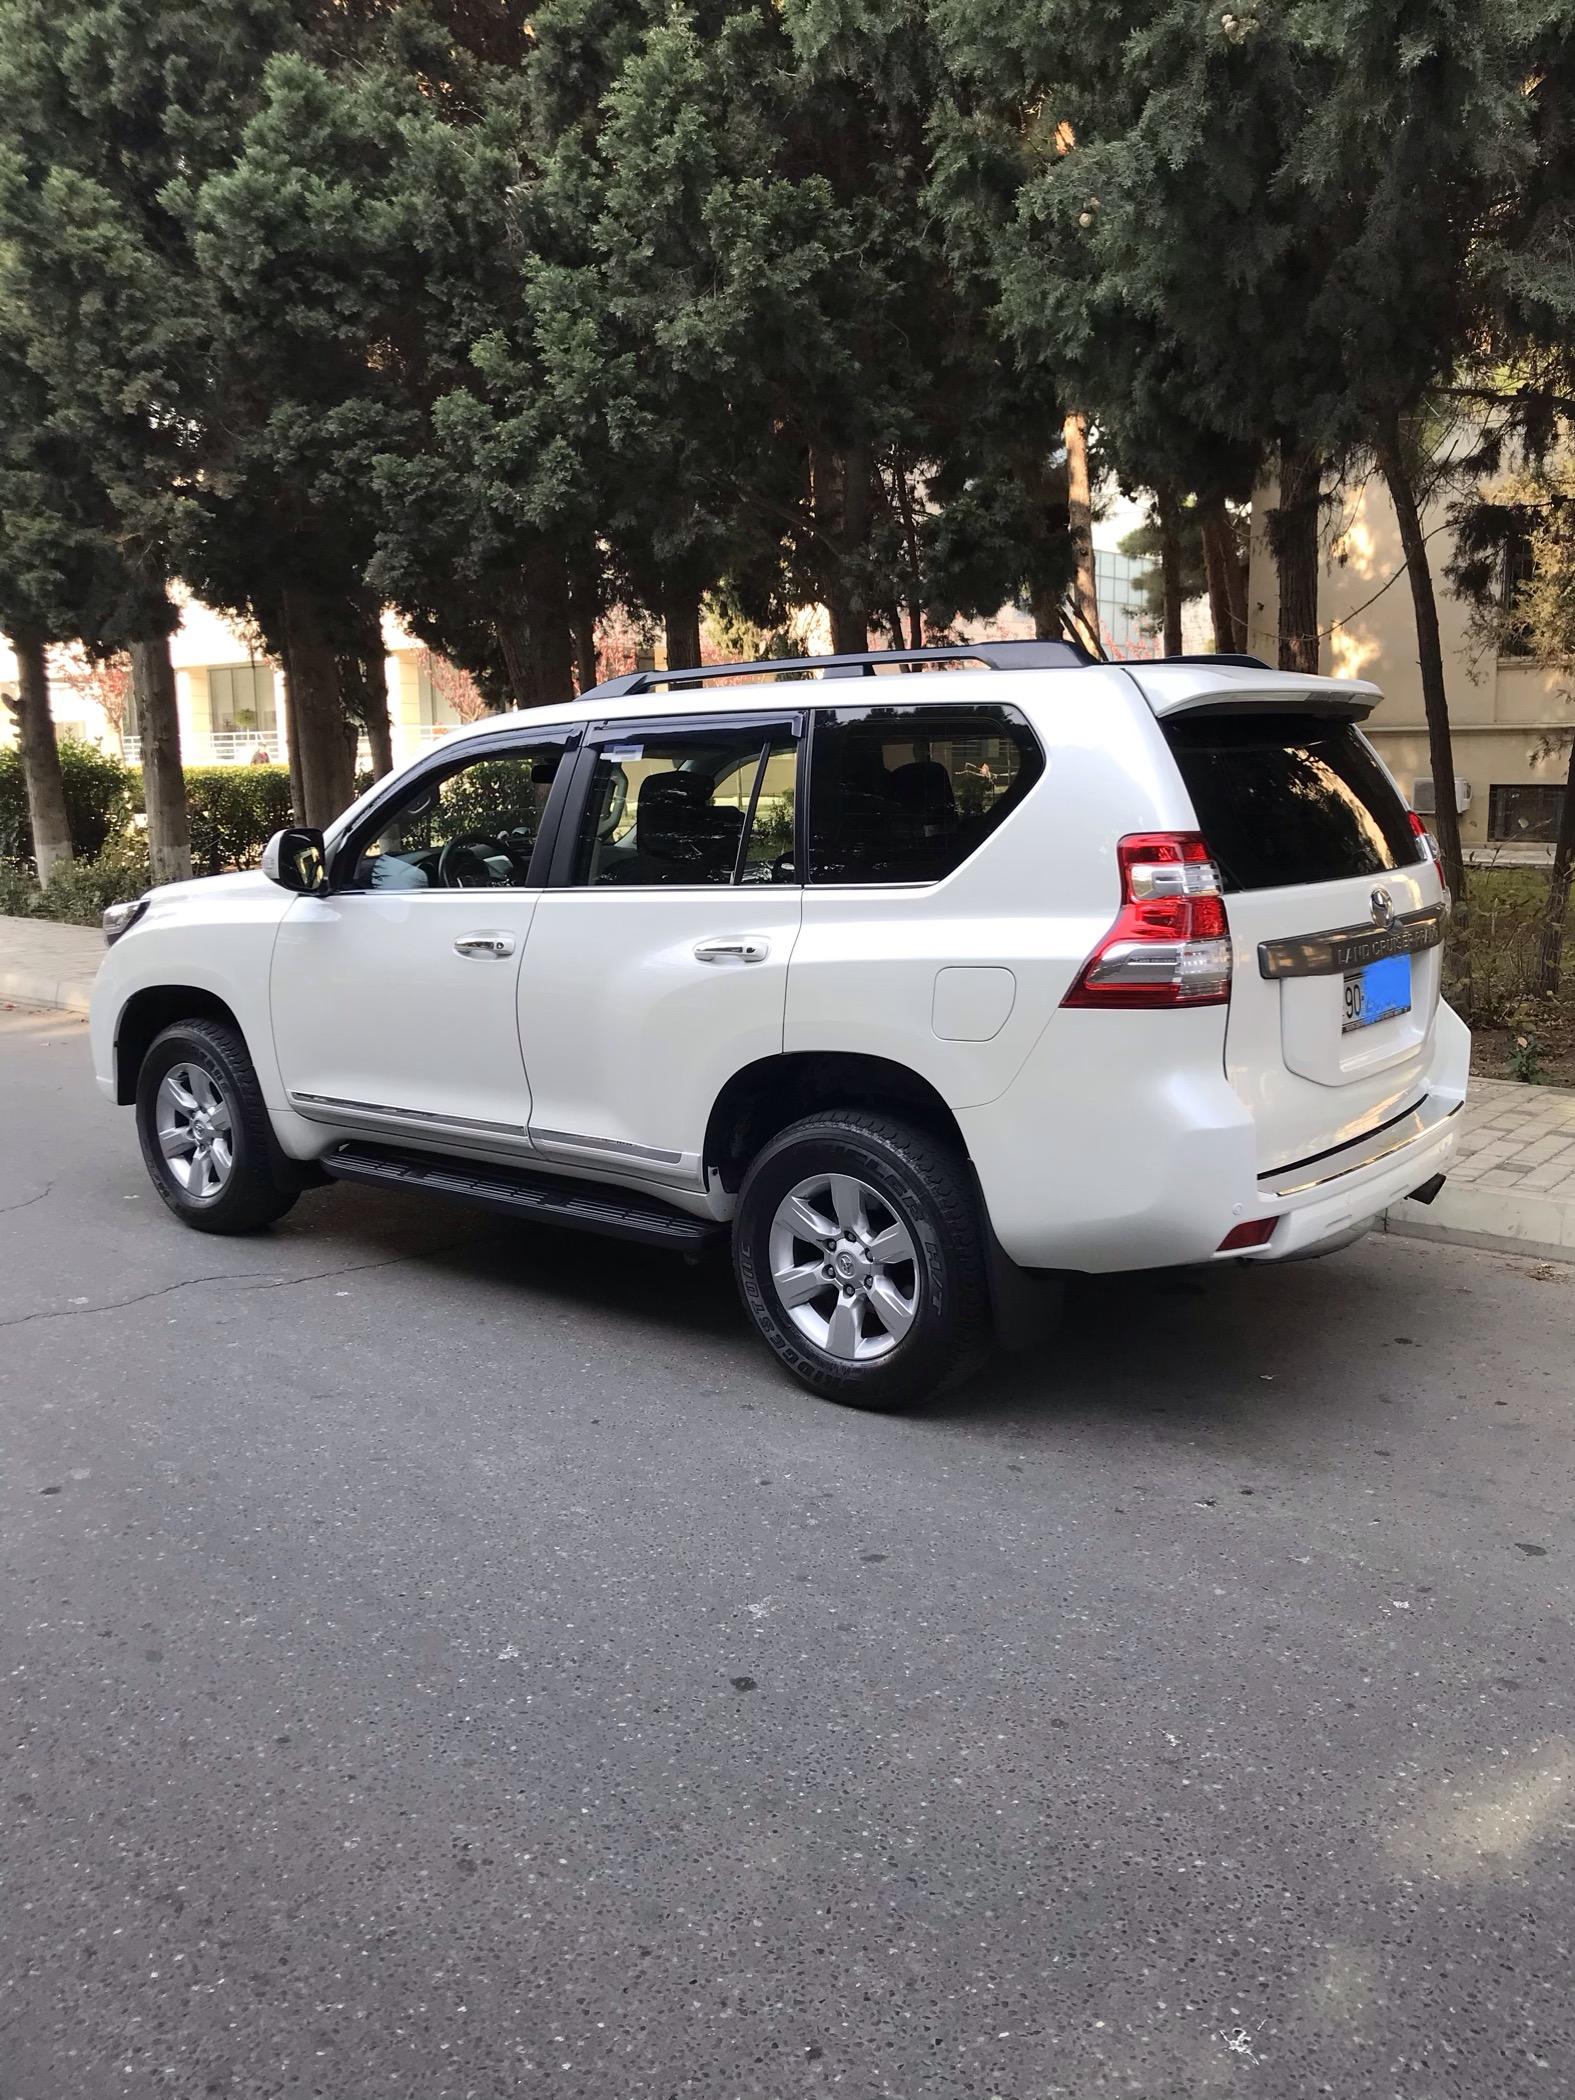 Toyota Prado 2.7(lt) 2015 Подержанный  $35600